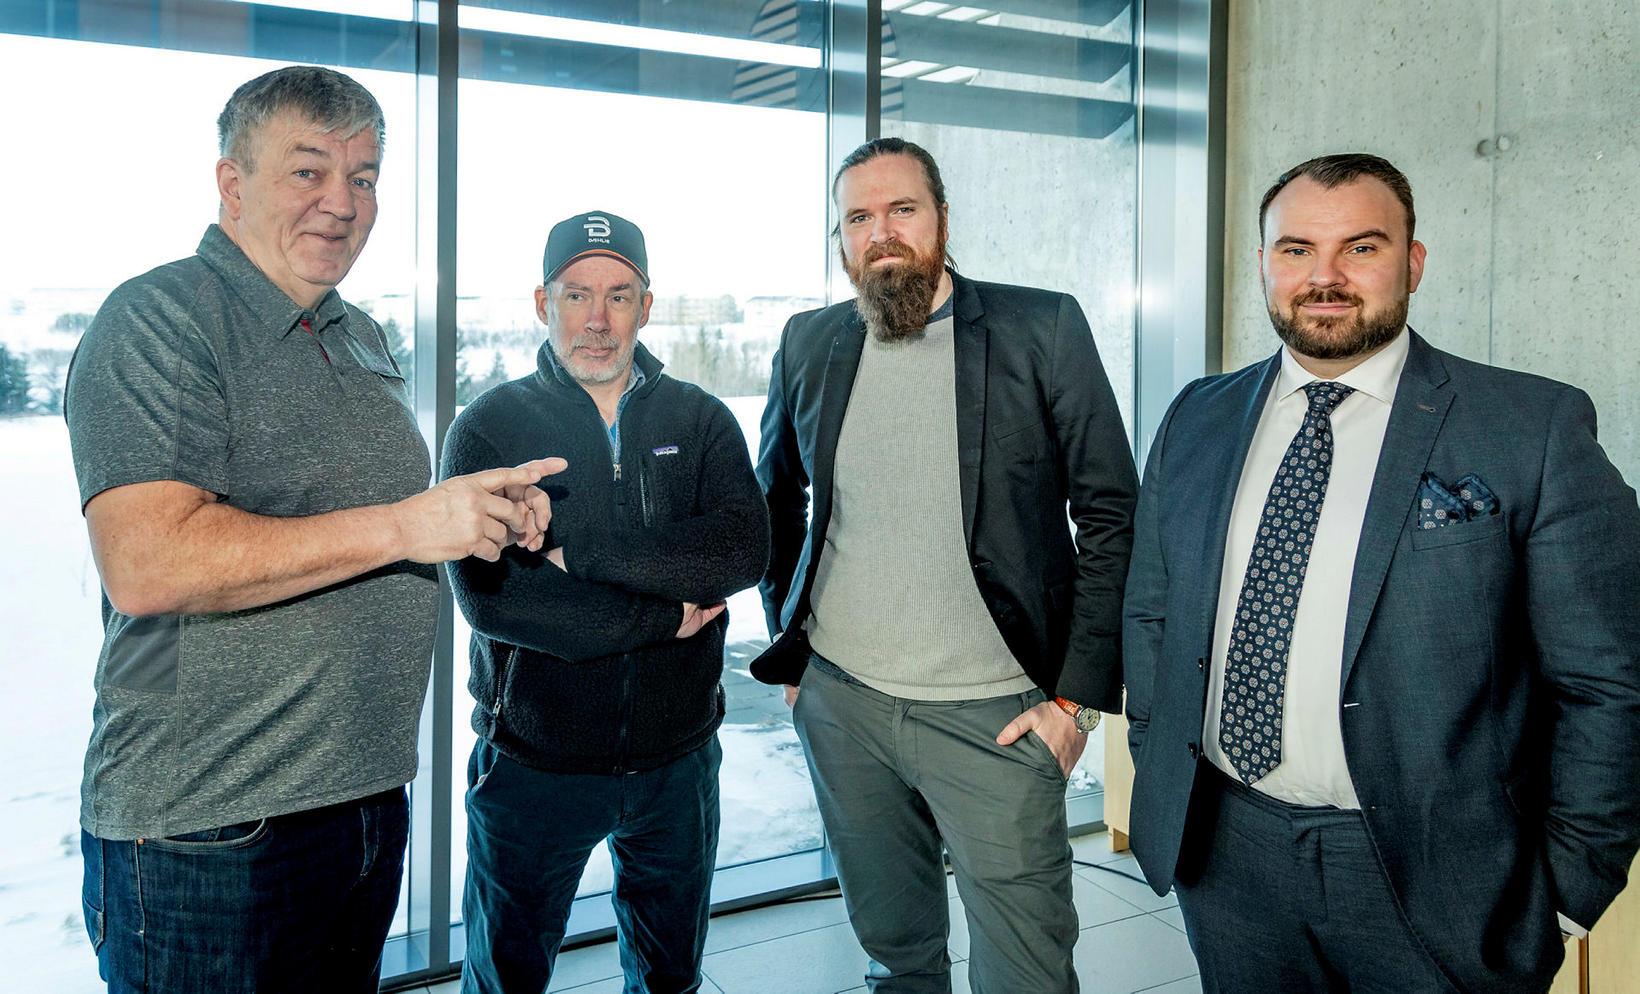 Halldór Hreinsson, Ásmundur Þórðarson, Andri Stanley og Jón Kristinn Jónsson.